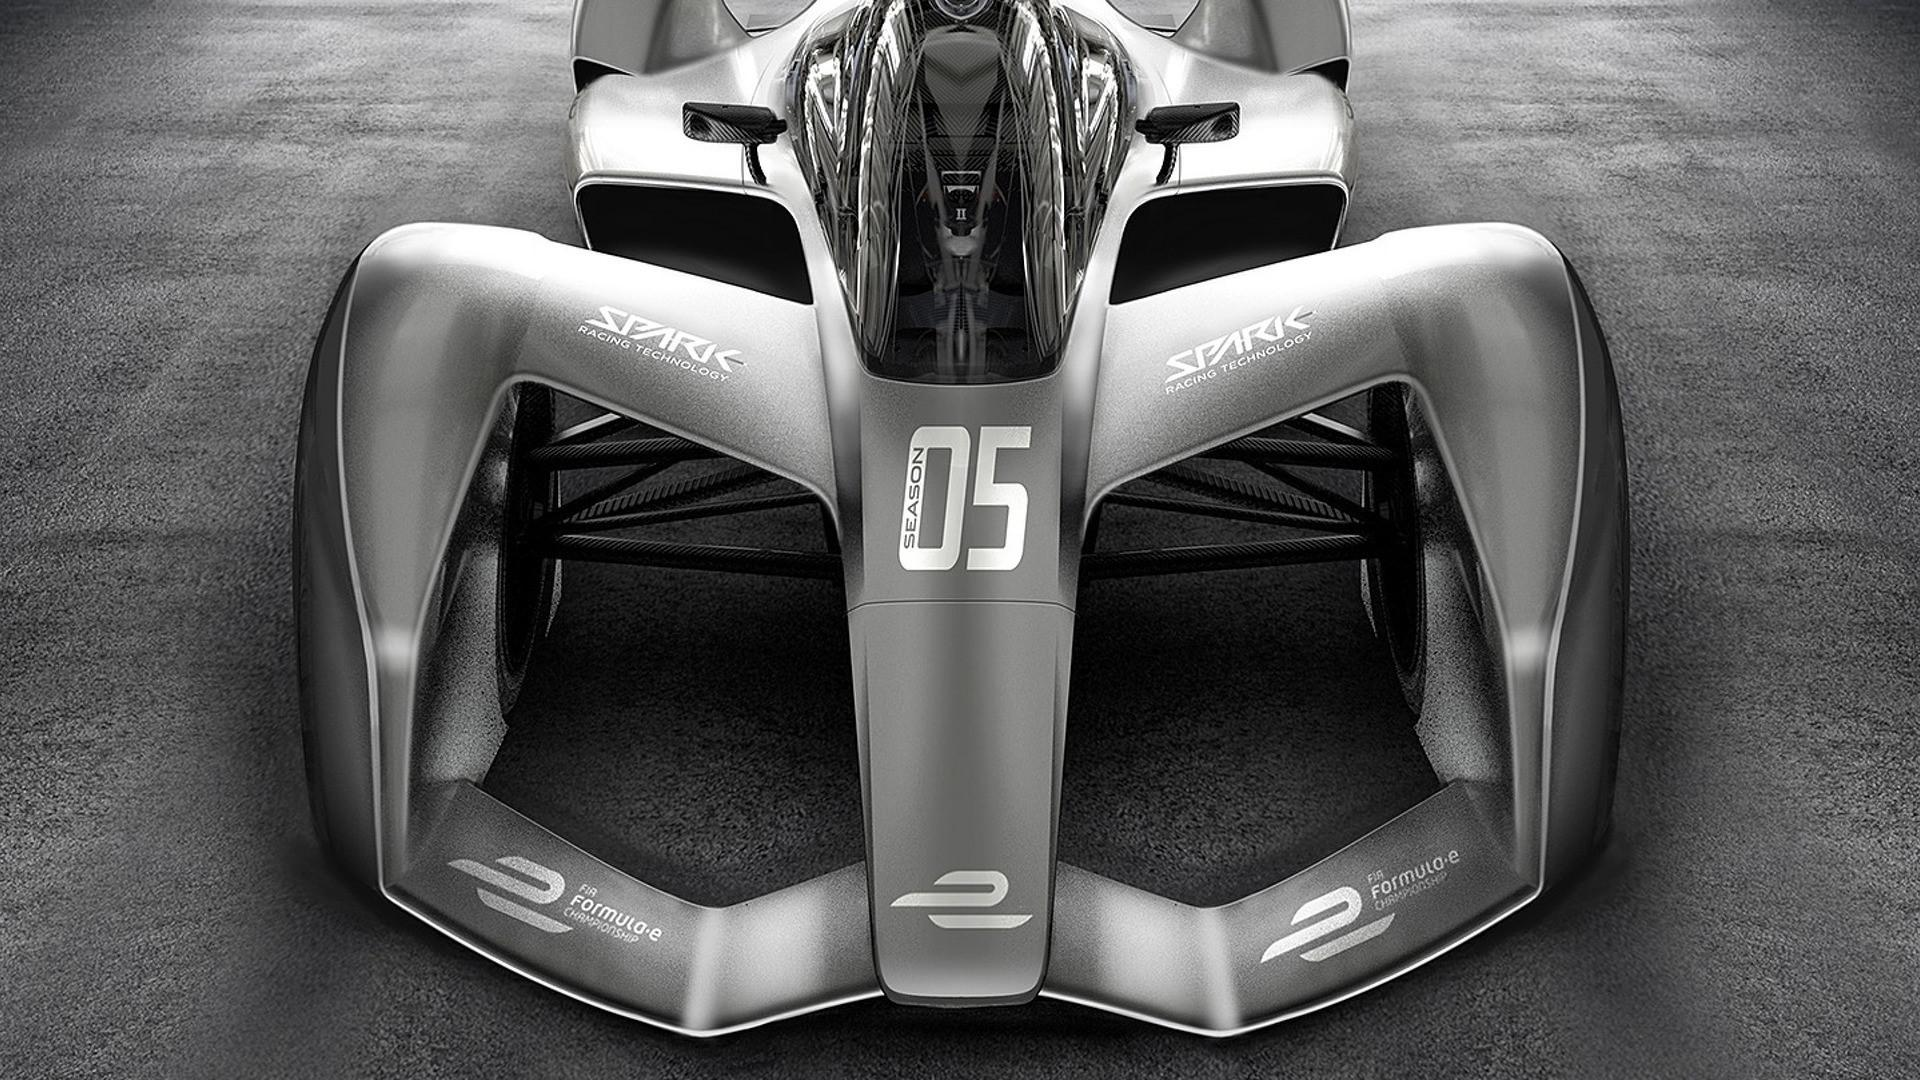 spark-formule-3-un-concept-qui-annonce-le-sport-automobile-du-futur-235-1.jpg